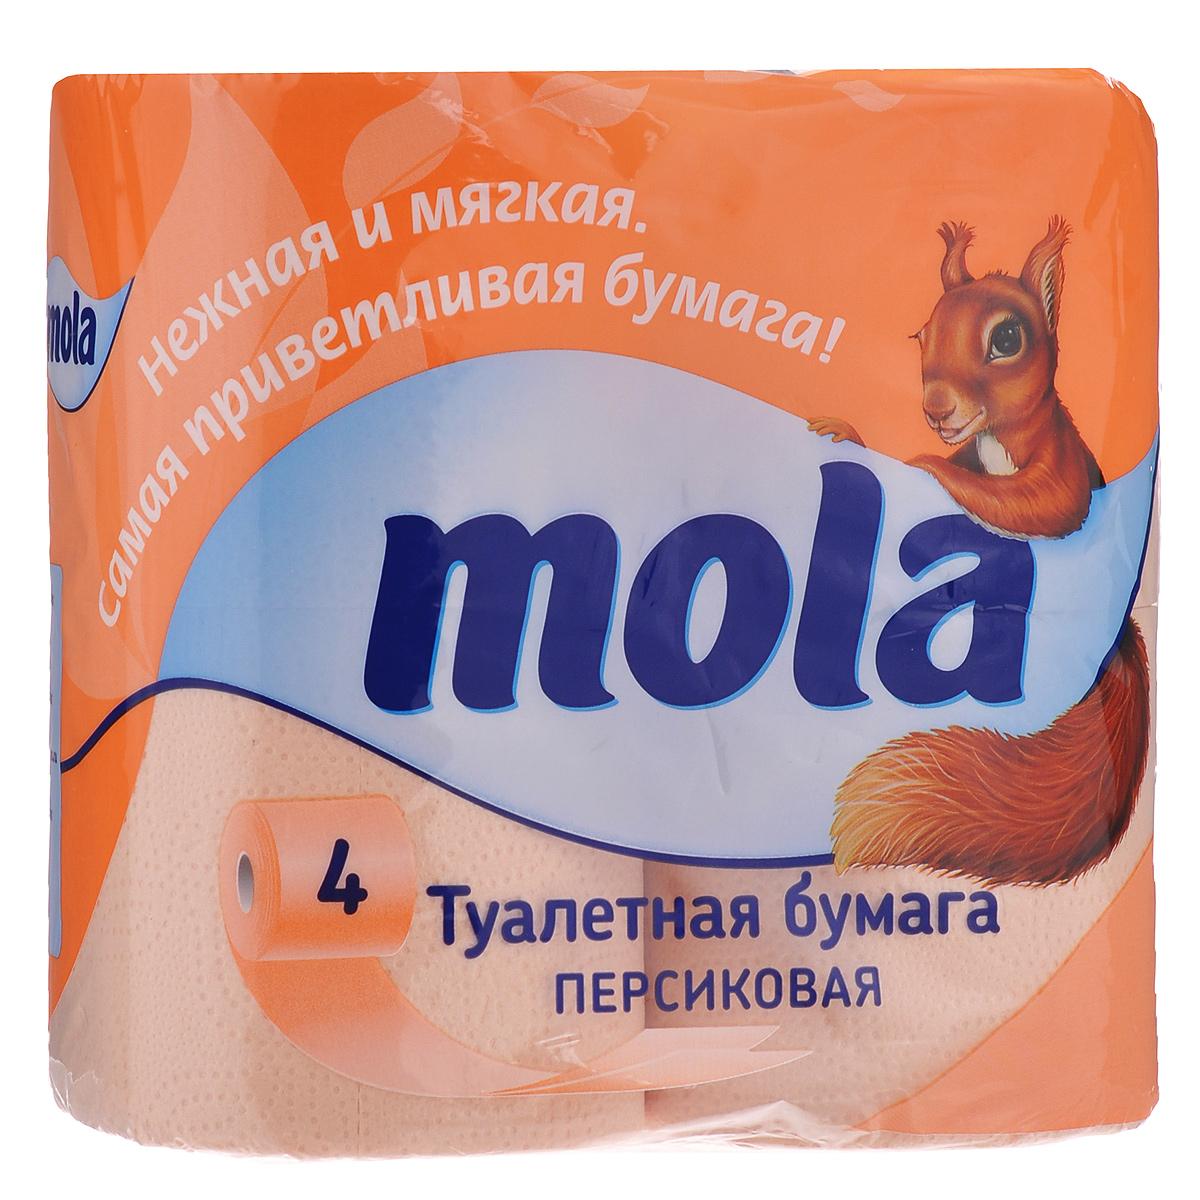 Туалетная бумага Mola, двухслойная, цвет: персиковый, 4 рулона. 21712171Двухслойная туалетная бумага Mola имеет рисунок с тиснением. Необыкновенно мягкая бумага изготовлена из экологически чистого, высококачественного сырья - 100% целлюлозы. Мягкая, нежная, но в тоже время прочная, бумага не расслаивается и отрывается строго по линии перфорации. Товар сертифицирован.